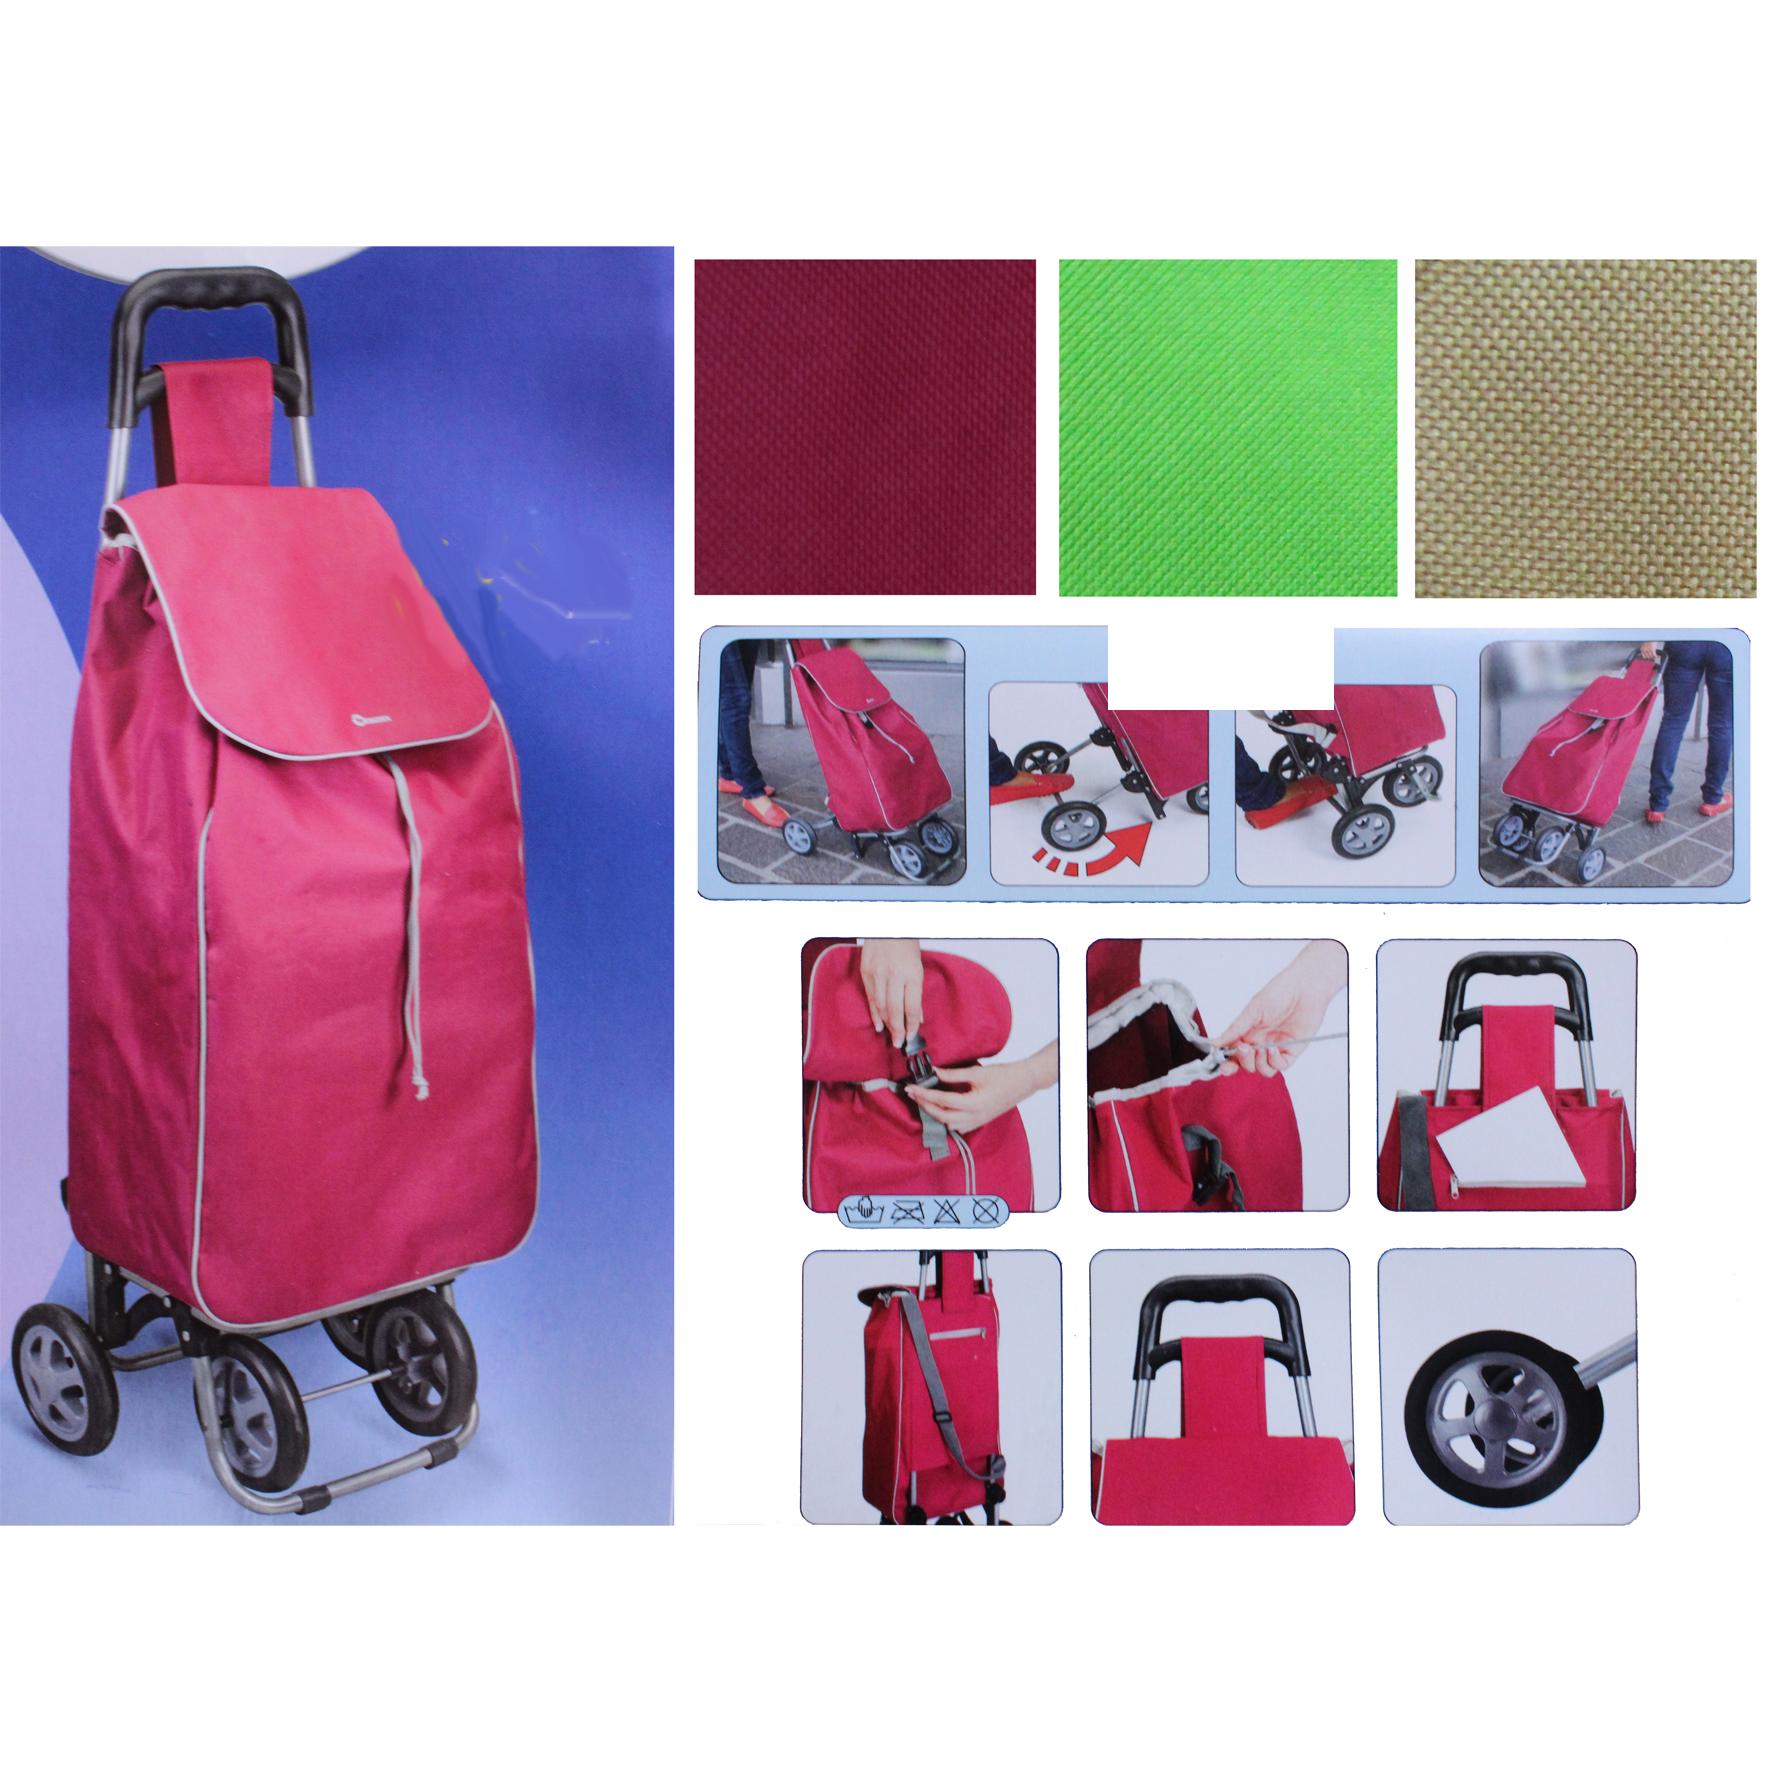 Einkaufstrolley Mit 4 Rädern : einkaufswagen 4 r der zum schieben ziehen einkaufstrolley einkaufsroller ebay ~ Aude.kayakingforconservation.com Haus und Dekorationen